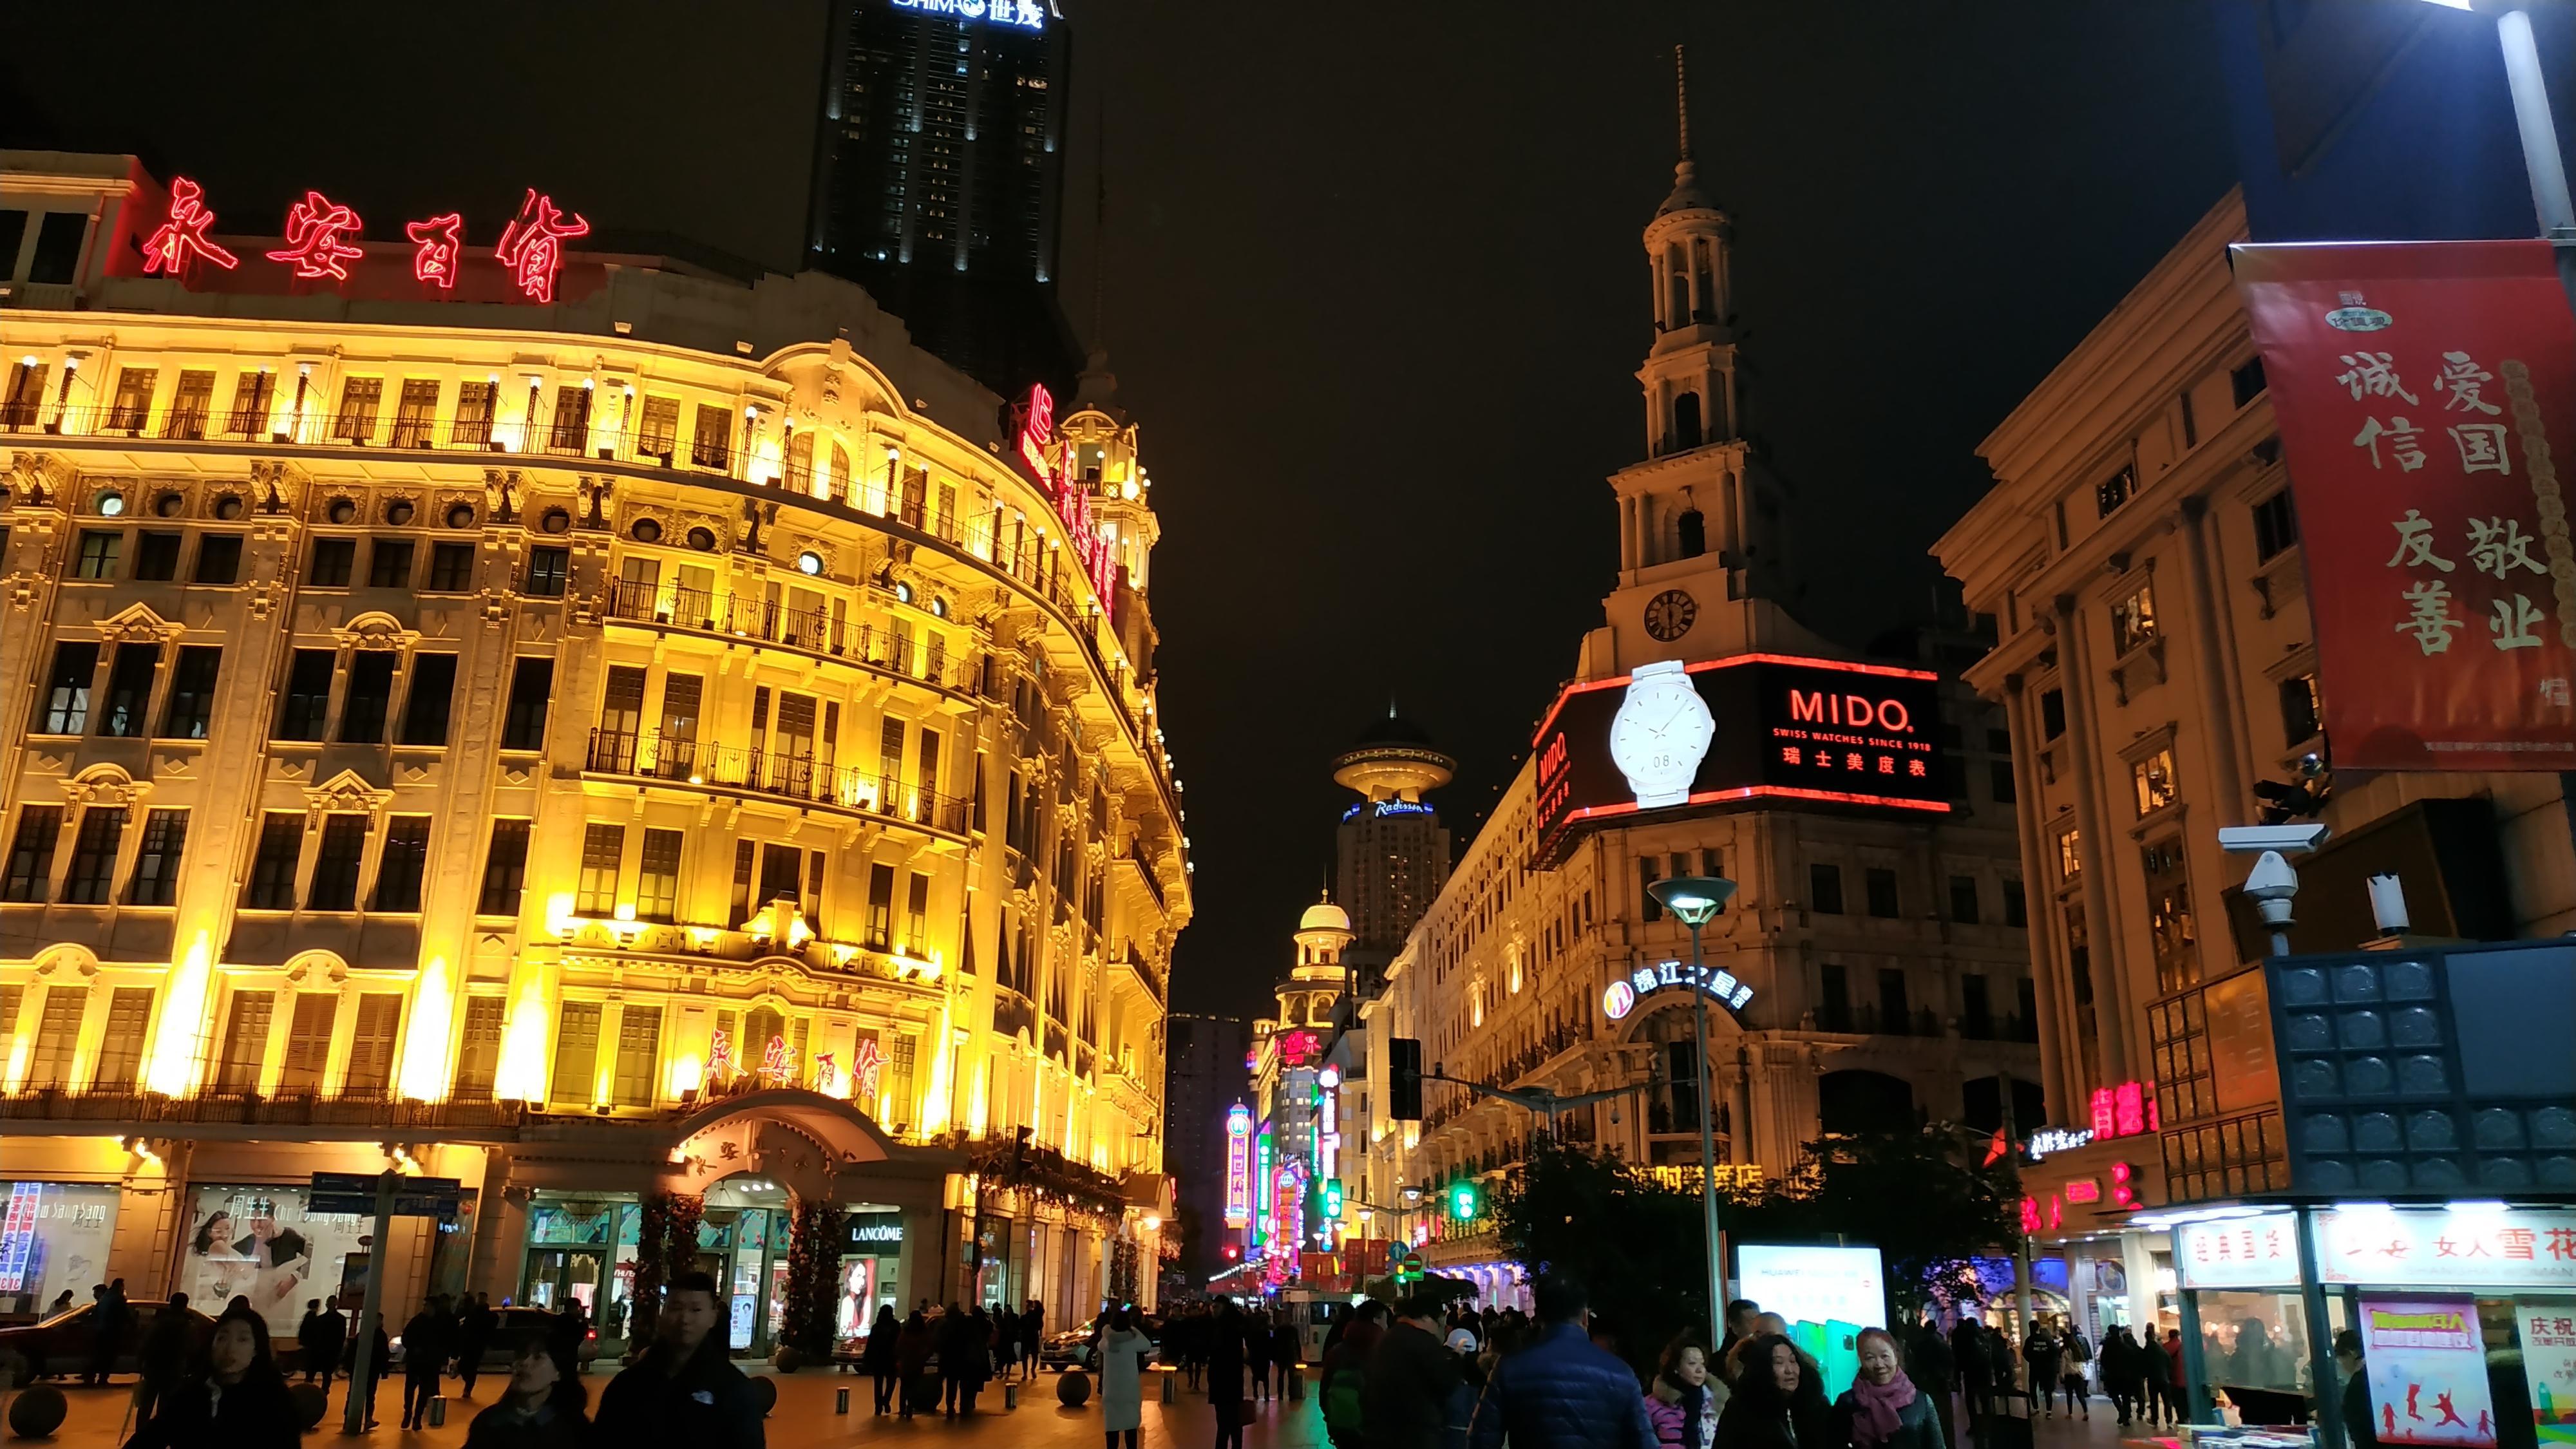 Улица Walking Street (находится она на станции метро Nanjing Road) эта улица популярна среди туристов и местных жителей, так как она усыпана различными магазинами, тут можно поесть местной еду в уличных забегаловках , купить китайский алкоголь, сувениры и многое другое, цены адекватные, поэтому ни кто с продавцами практически не торгуются.